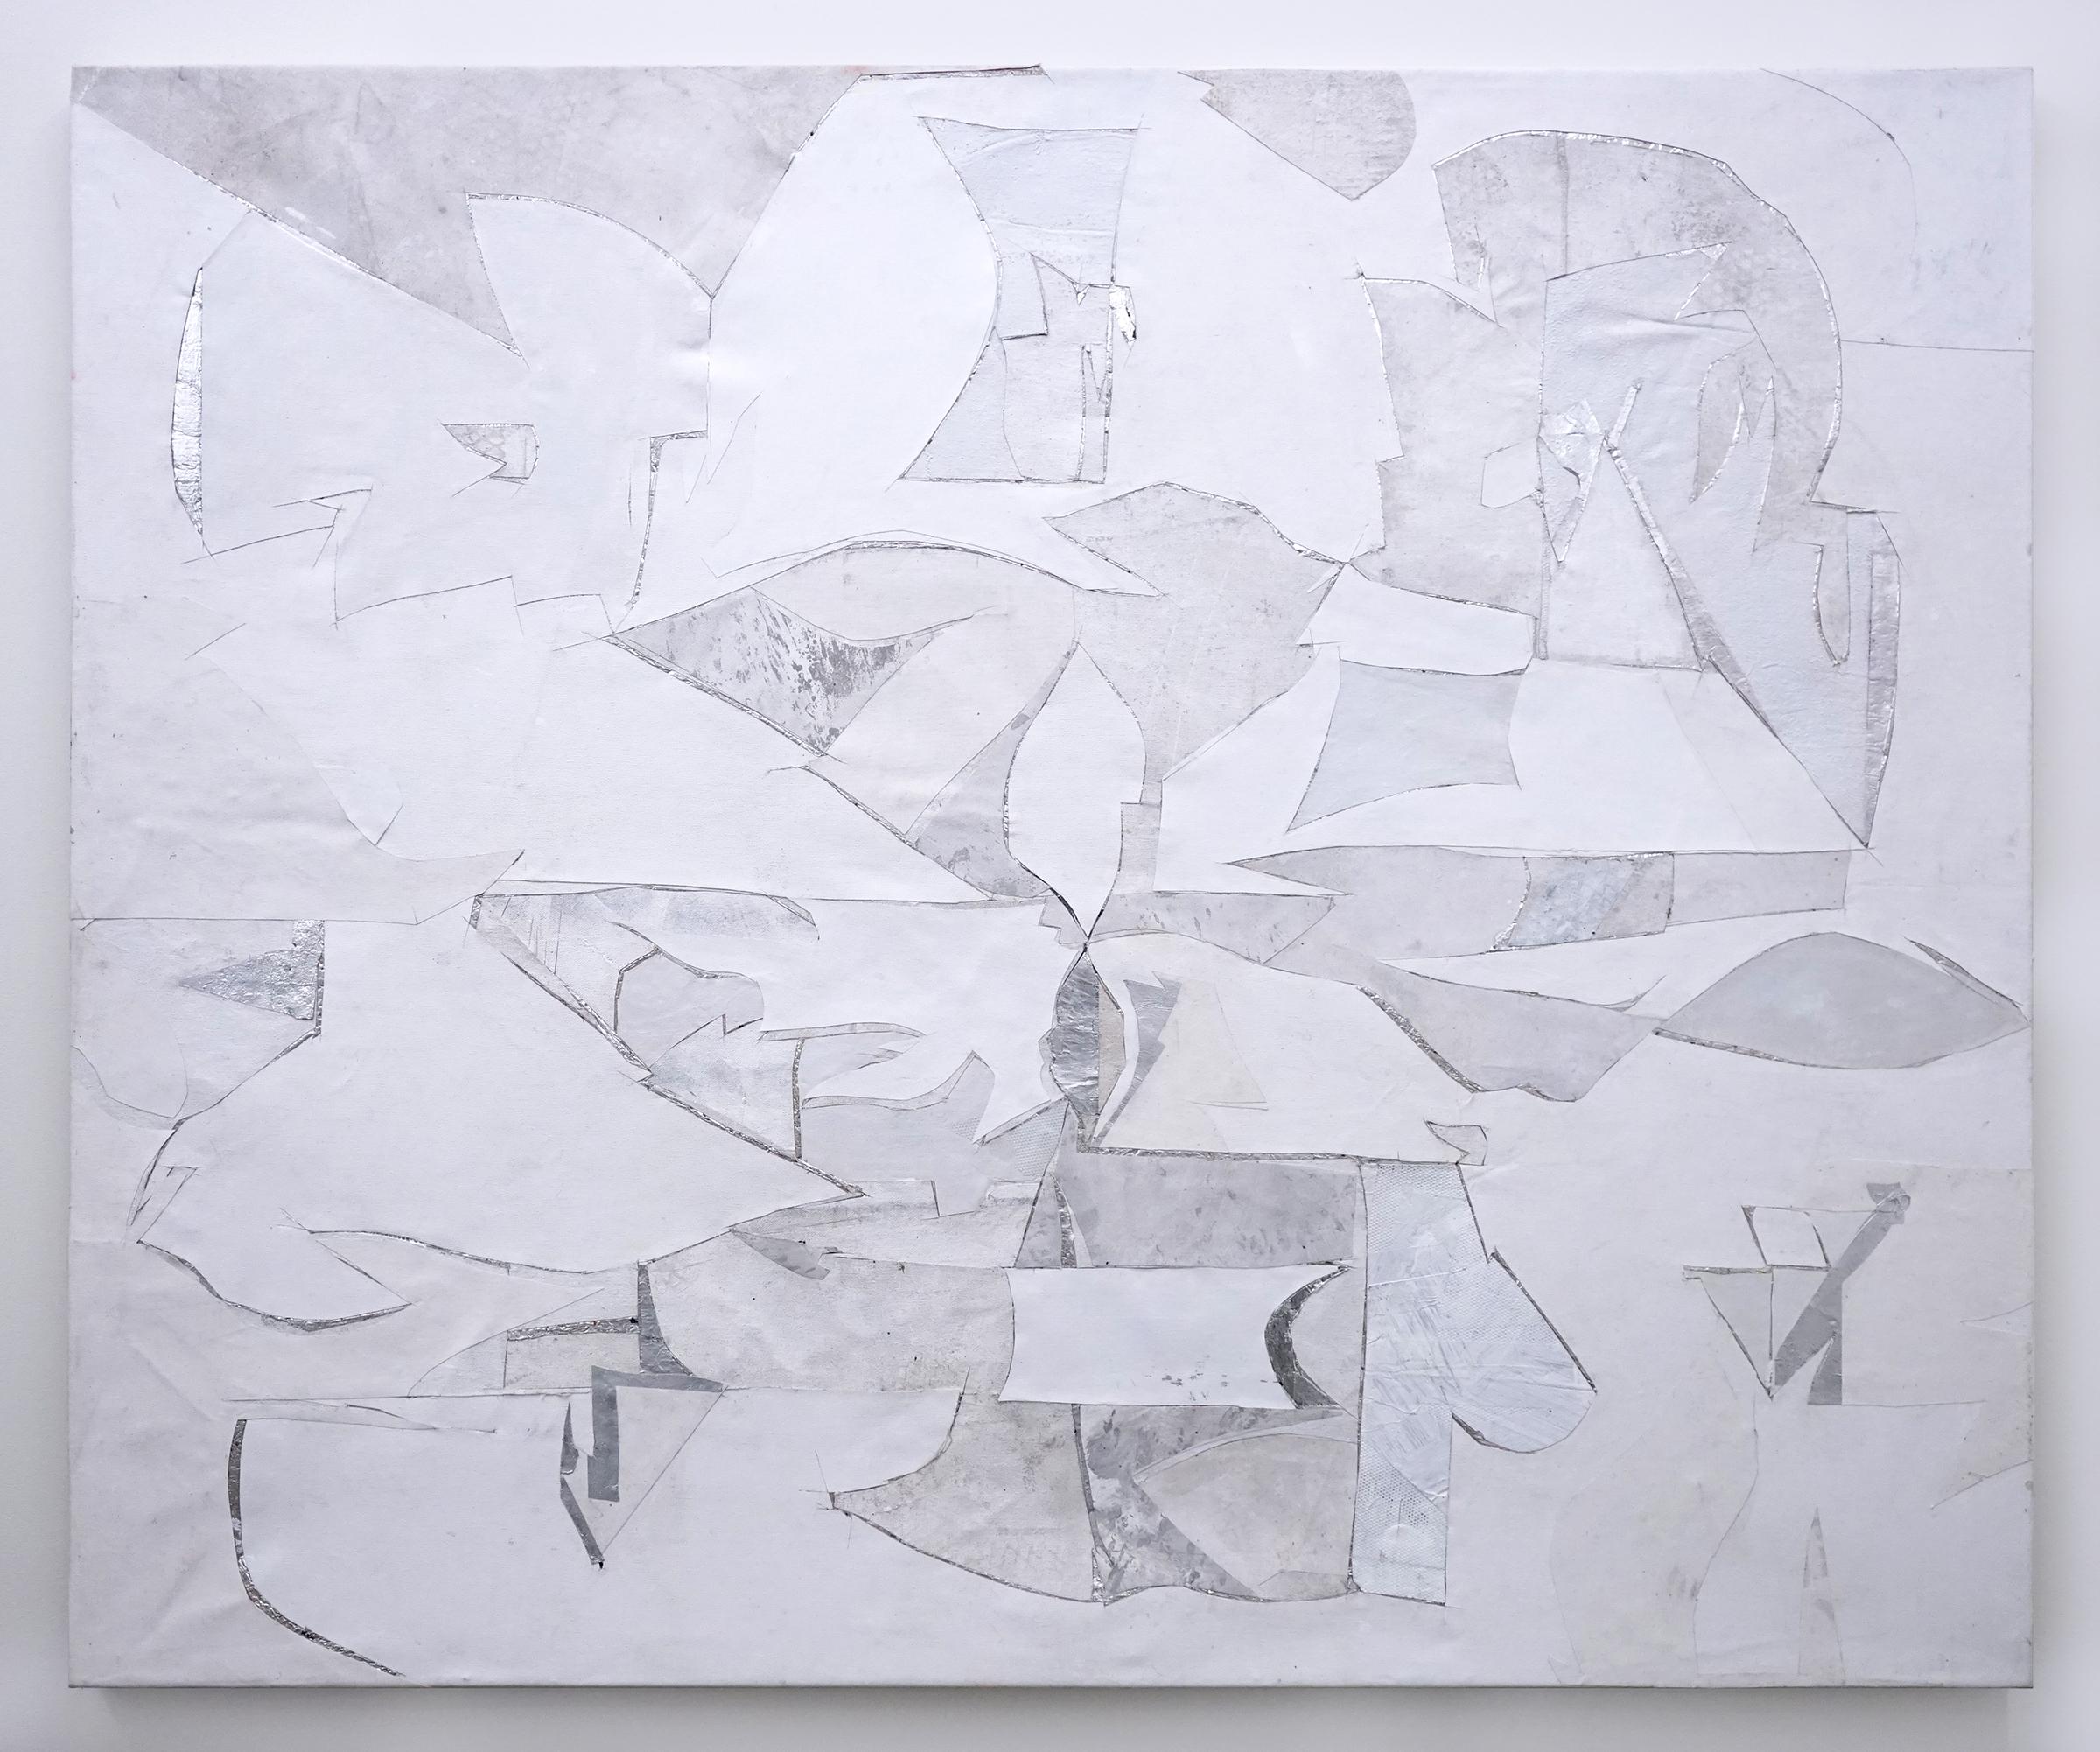 """RYAN WALLACE   Lenakaeia 2 , enamel, acrylic, canvas, linen, aluminum, fiberglass, 48"""" x 58"""", 2017"""